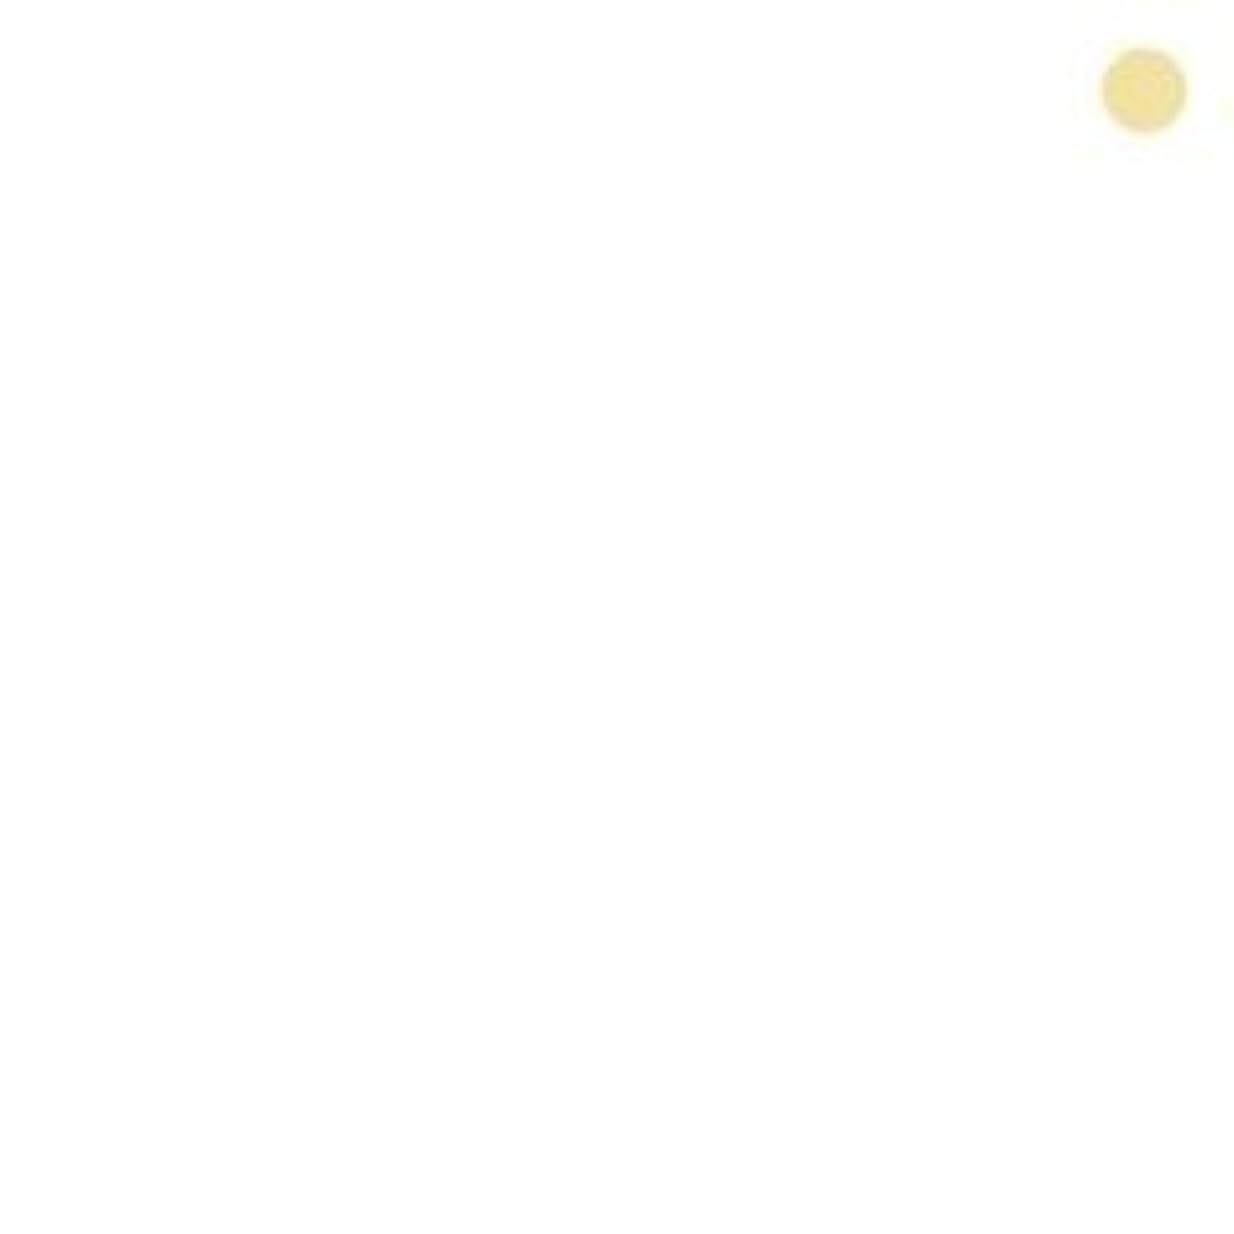 突然曲がった連邦【カバーマーク】ジャスミーカラー パウダリーファンデーション #YN10 (レフィル)